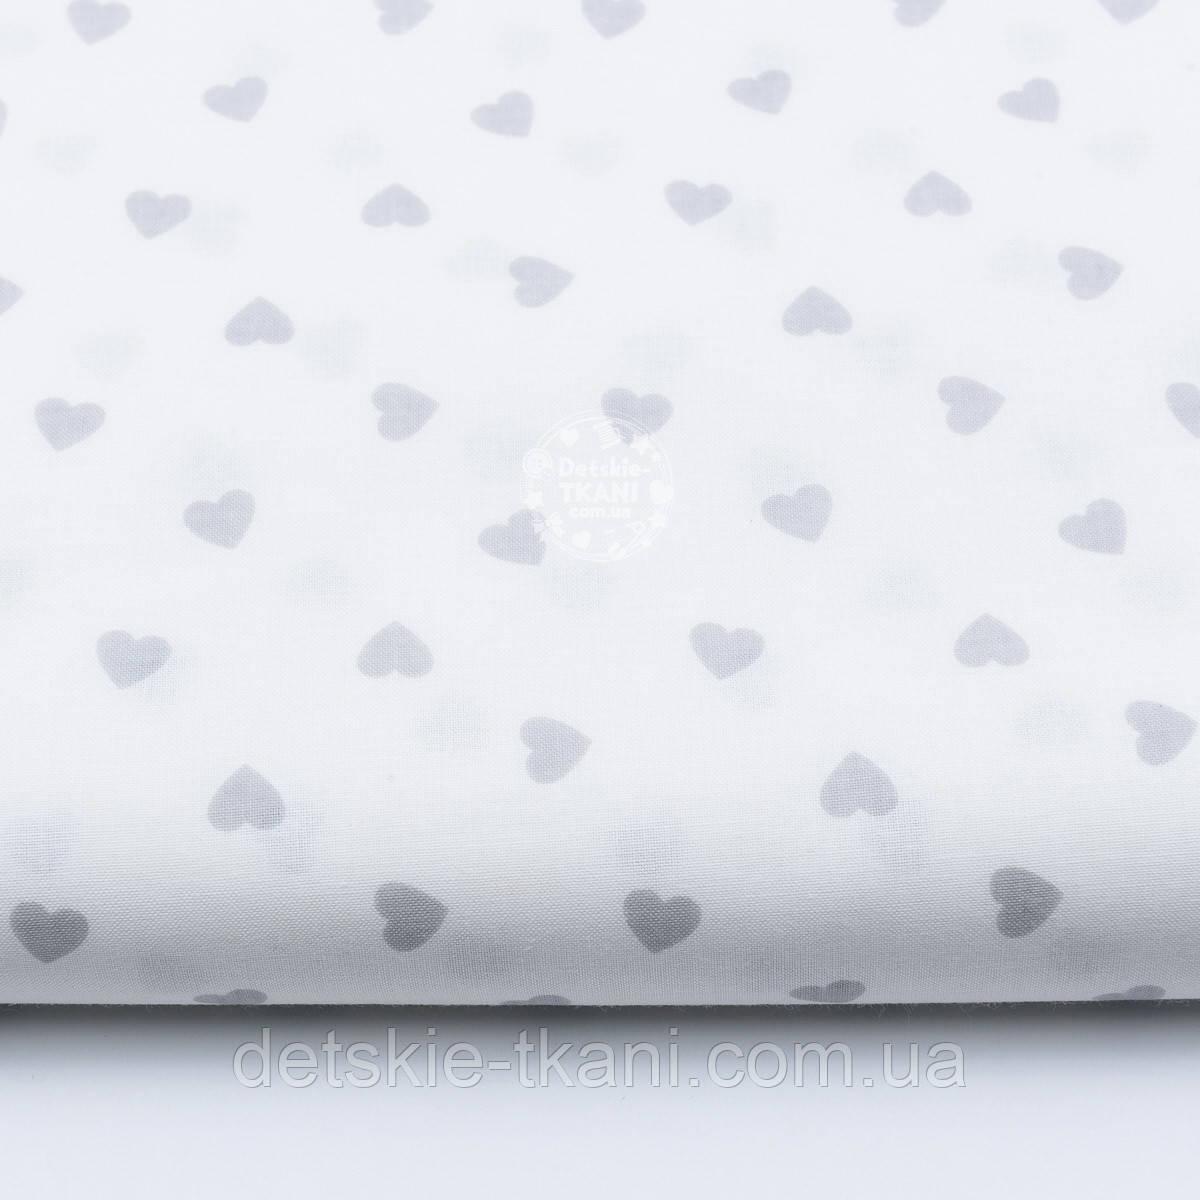 Бязь с серыми редкими сердечками 10 мм на белом фоне, плотность 125 г/кв.м. (№ 822а)